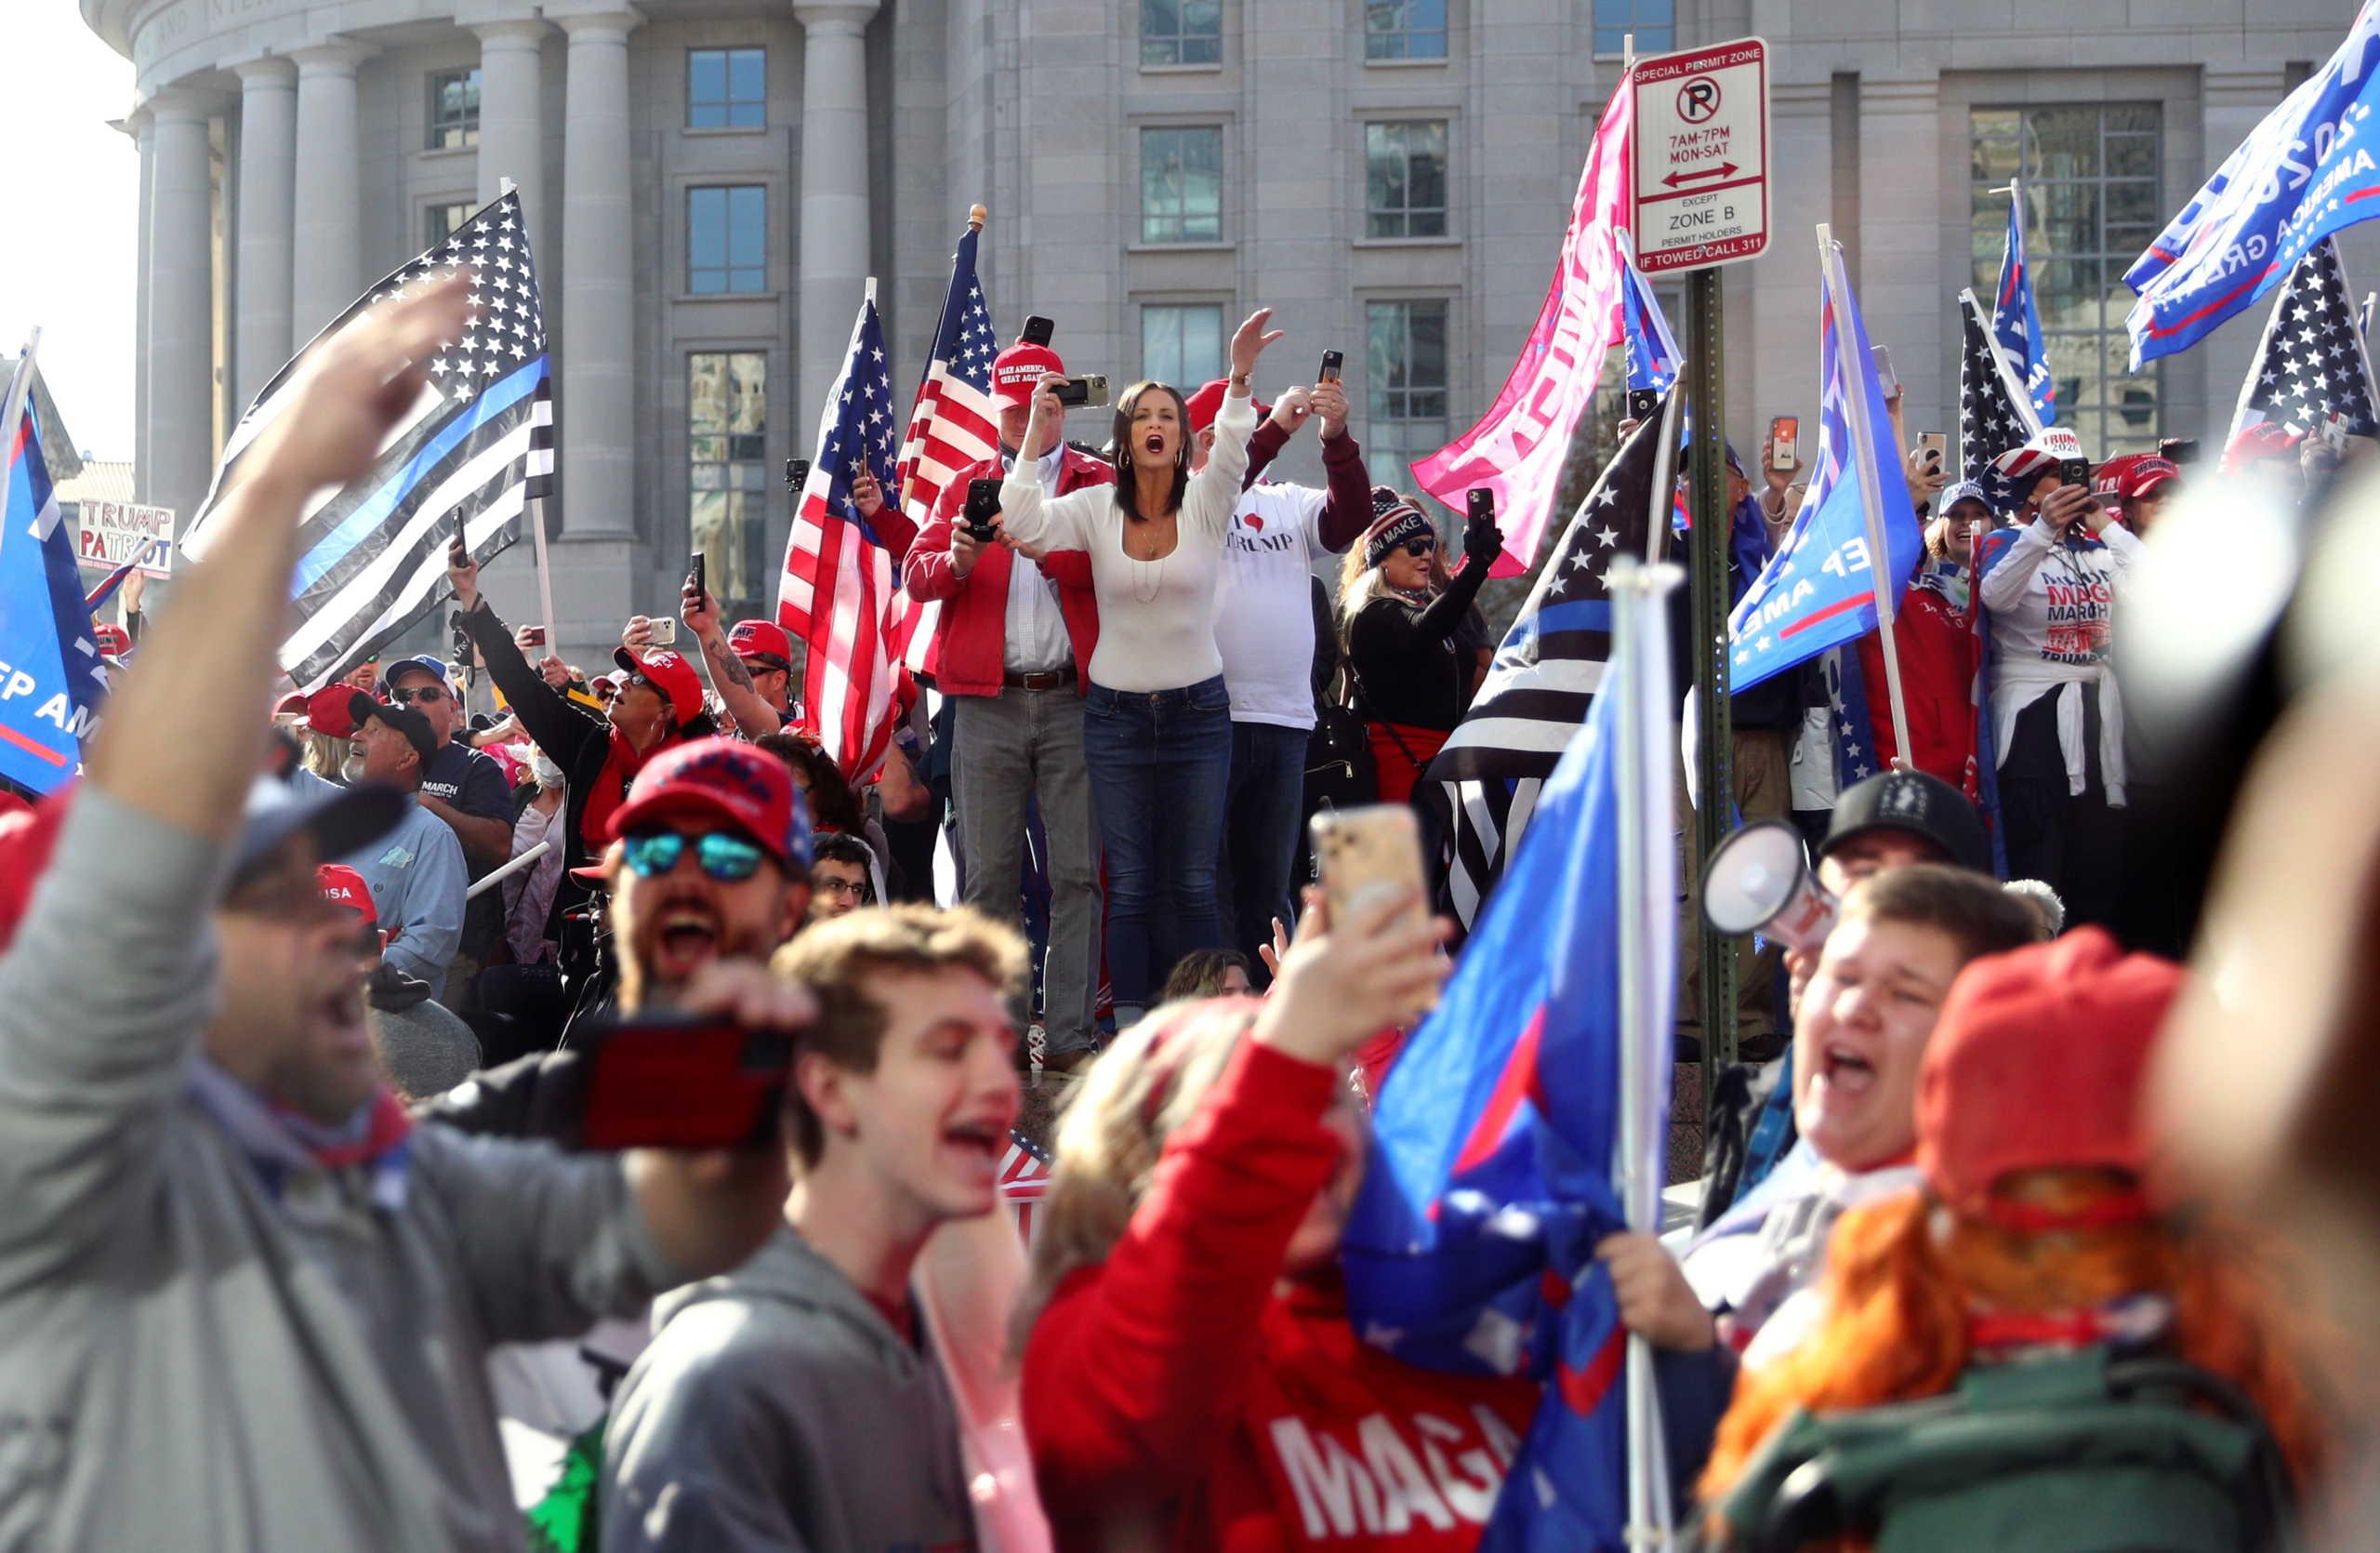 Αμερικανικές εκλογές διαδηλωτές στην Ουάσινγκτον